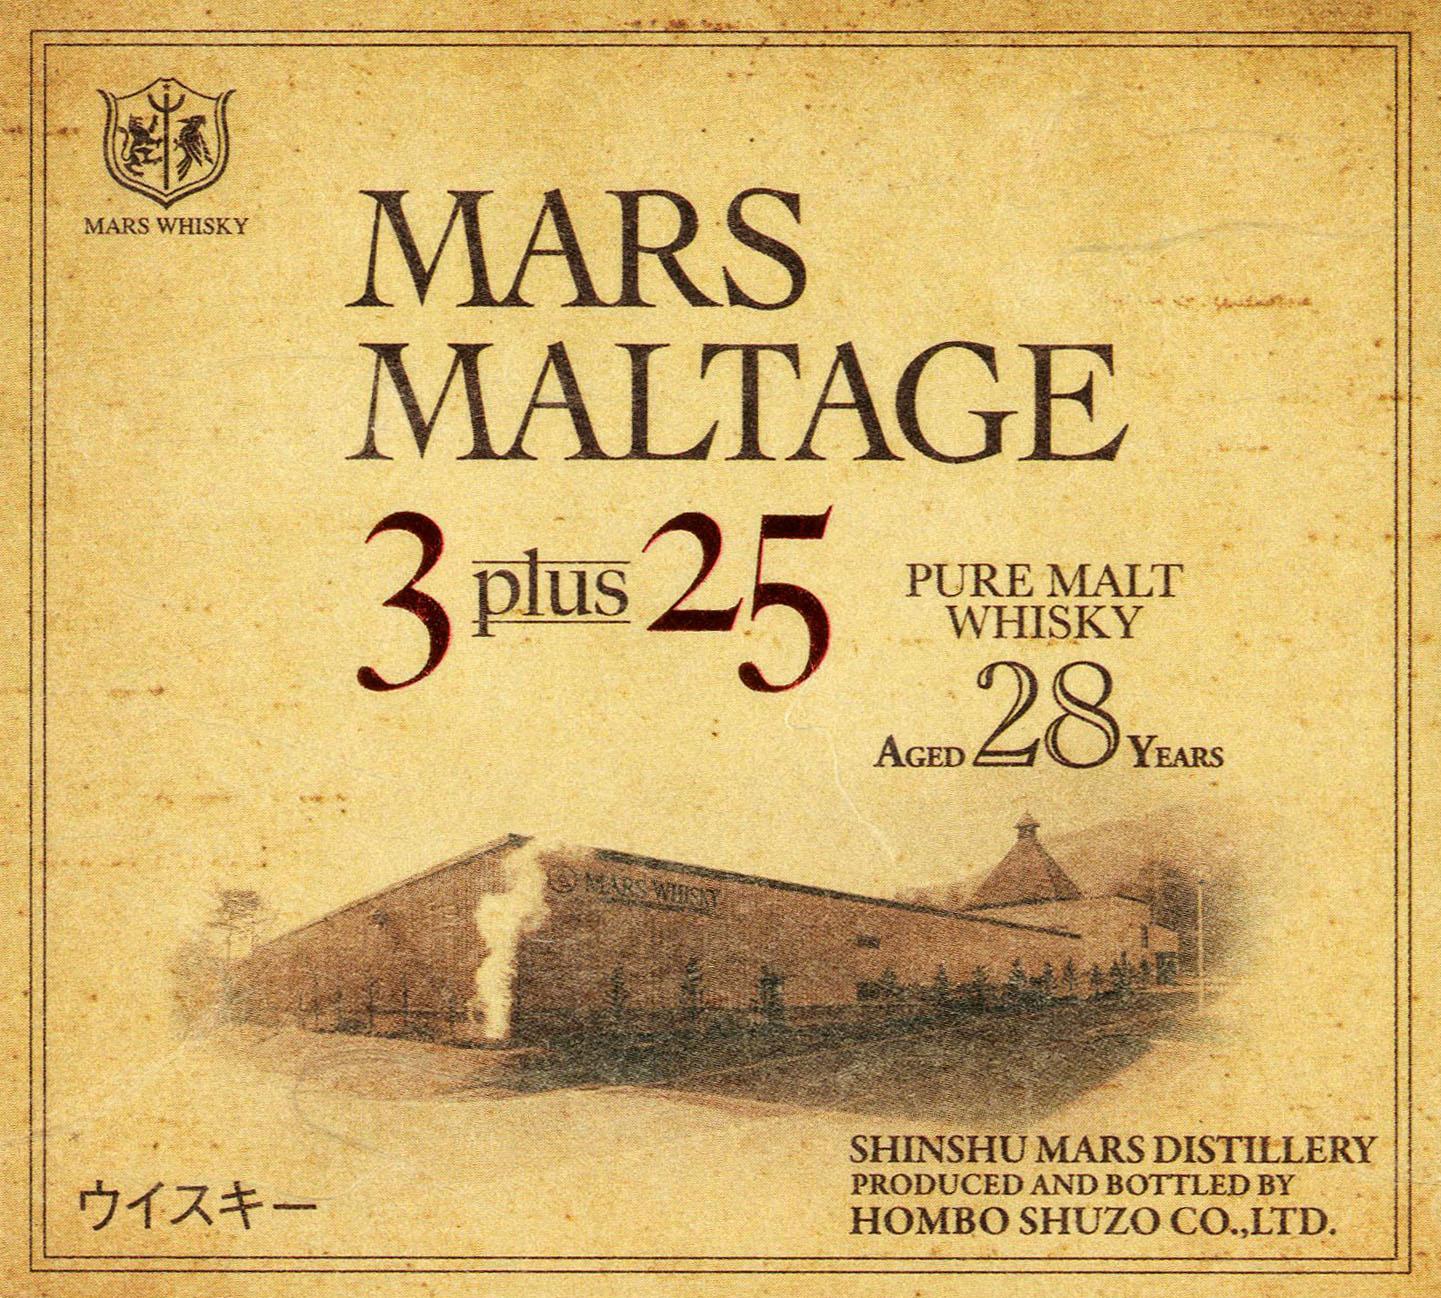 Mars Maltage 3 plus 25